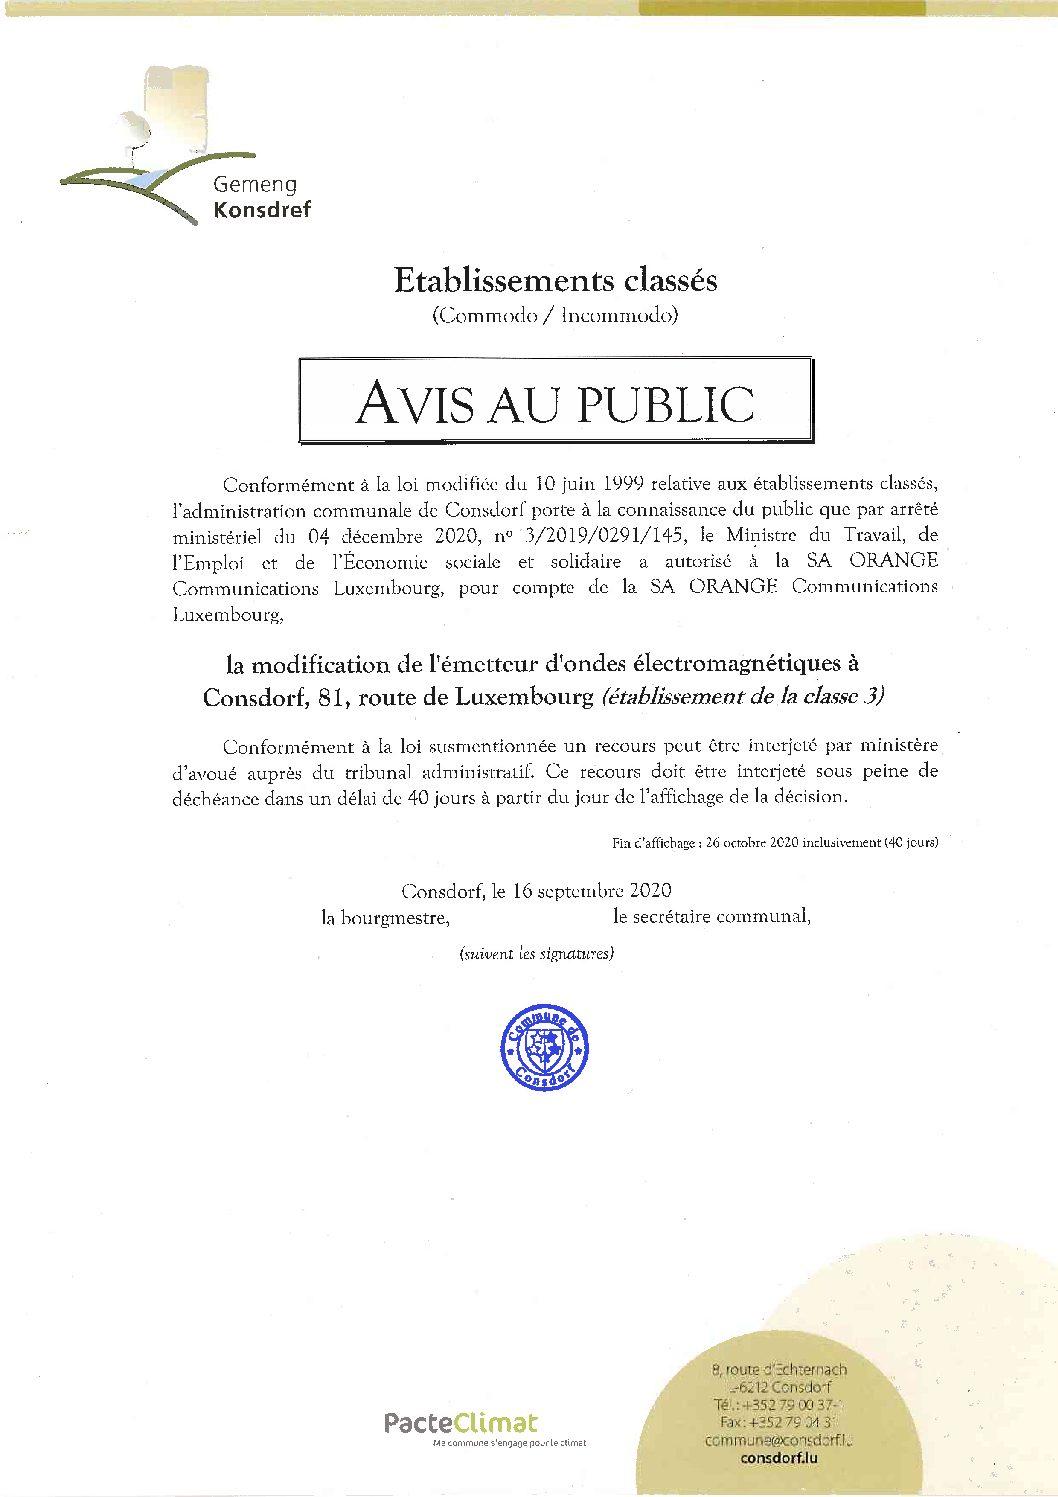 Avis au public - Autorisation modification de l'émetteur d'ondes électromagnétiques à Consdorf